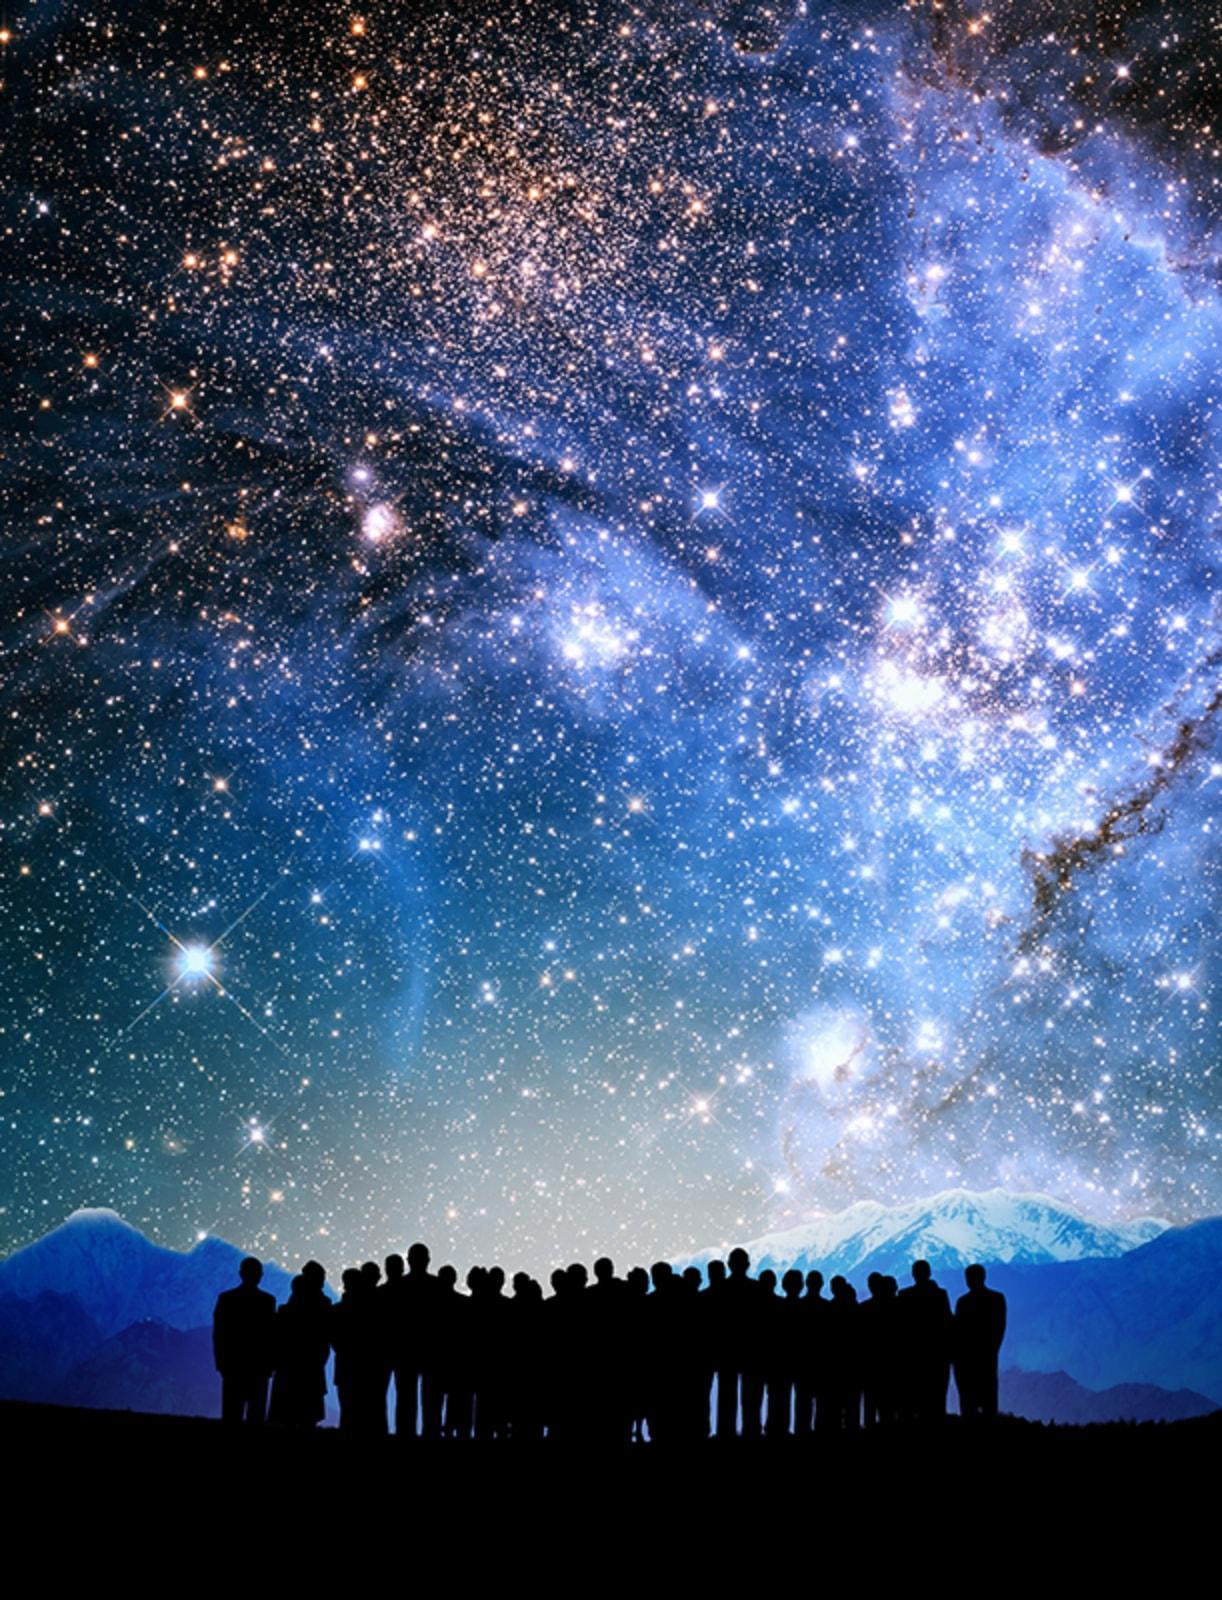 未来を創る技術分野に着目し、人材を提供し続ける超銀河団のイメージ